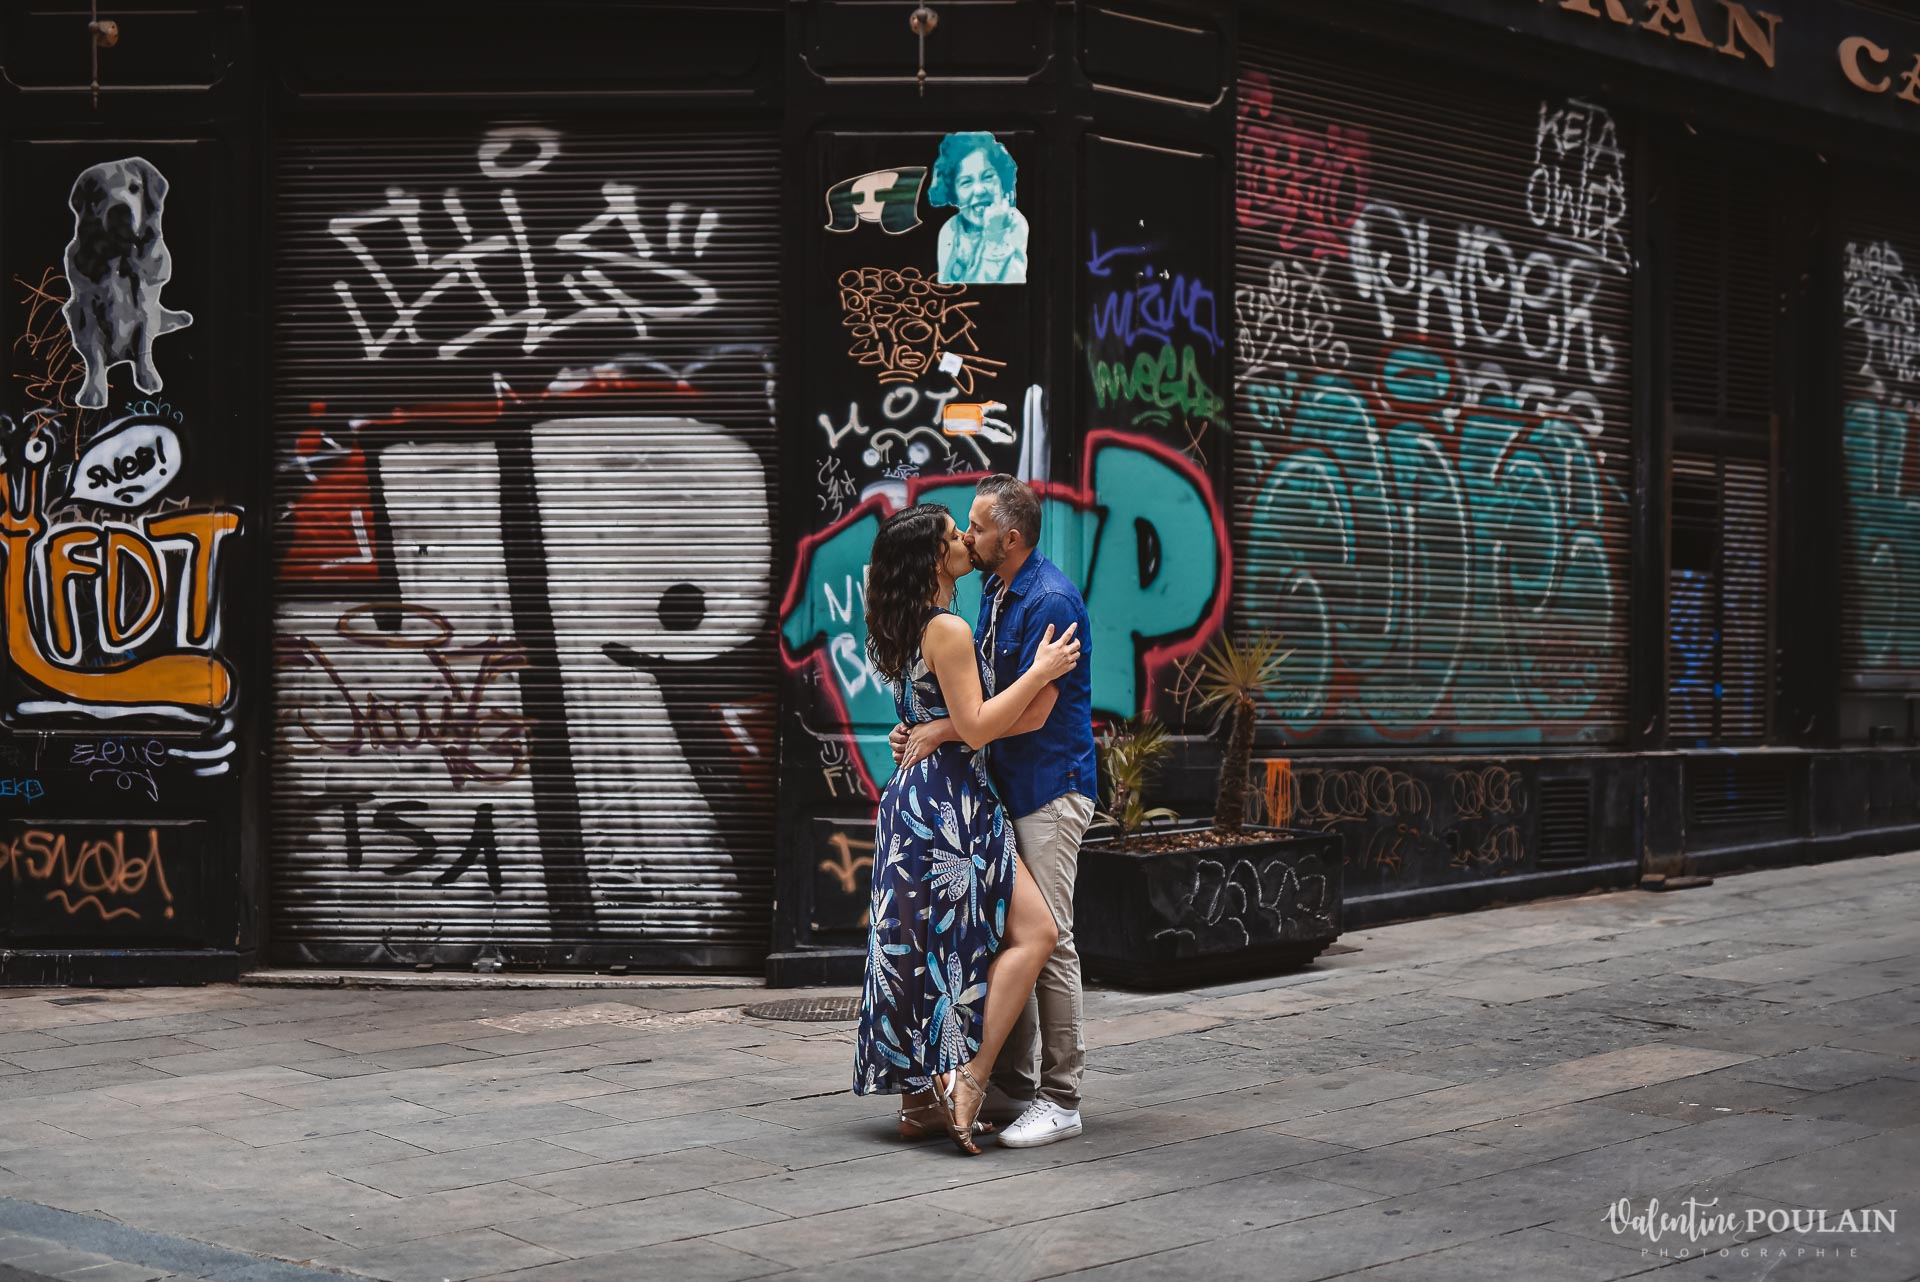 Séance photo couple Barcelone - Valentine Poulain fou graffitis